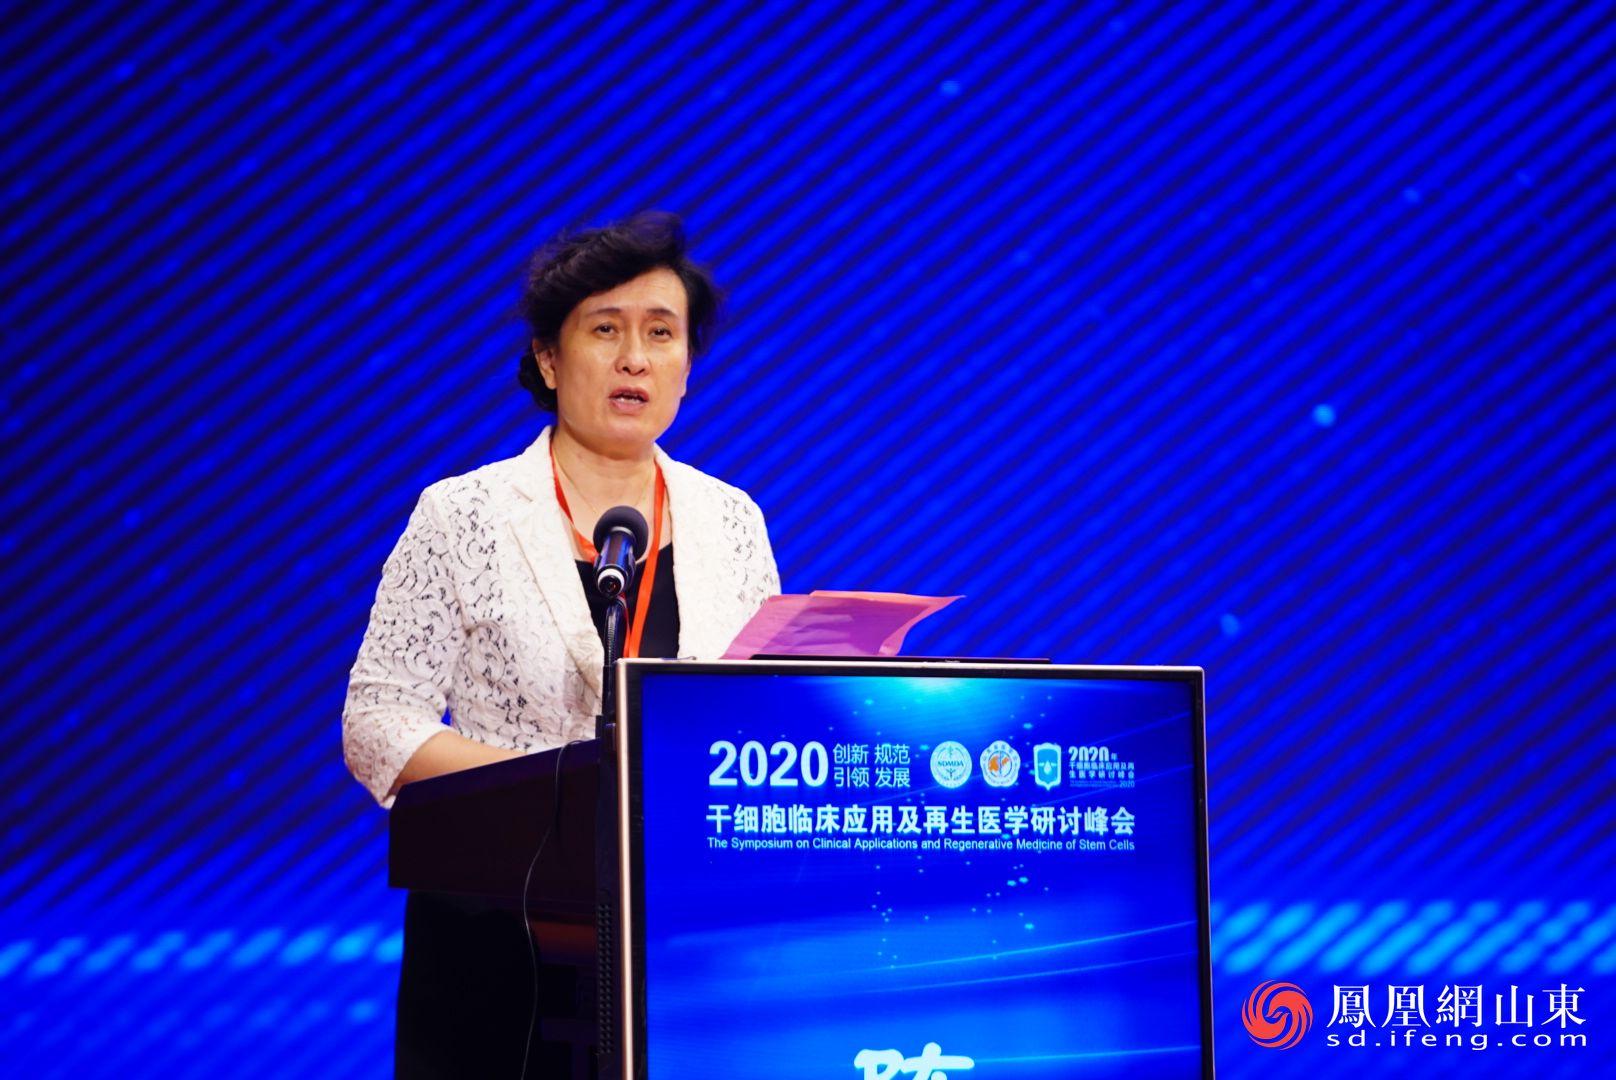 中国科学院院士陈子江:干细胞治疗技术未来将给每个家庭带去健康和幸福